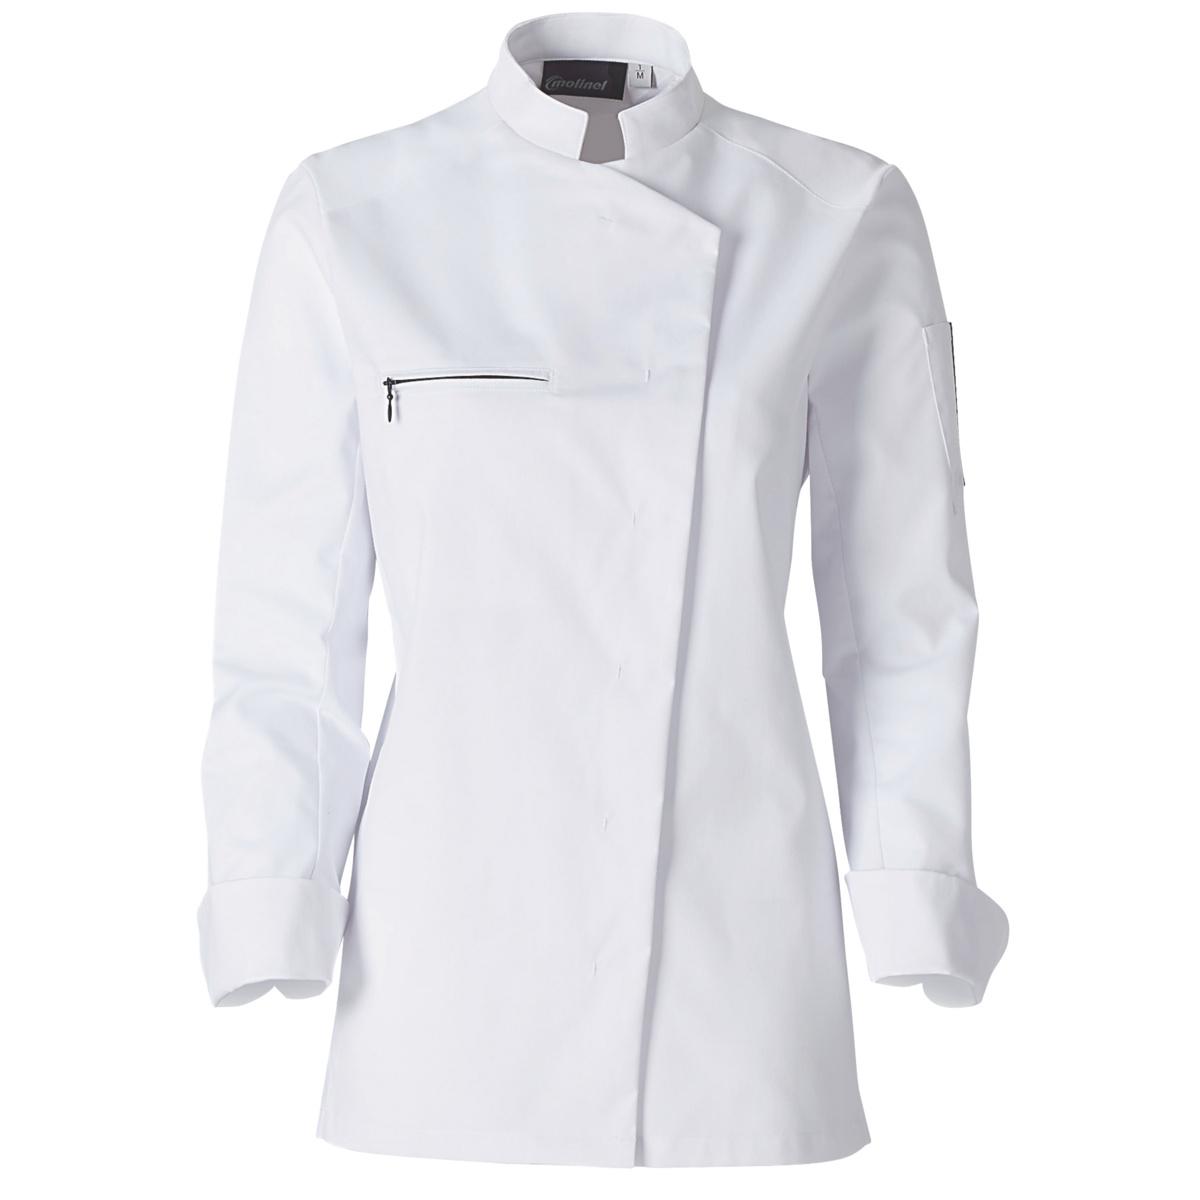 Veste femme manches longues blanc taille 5 Jaklab Molinel